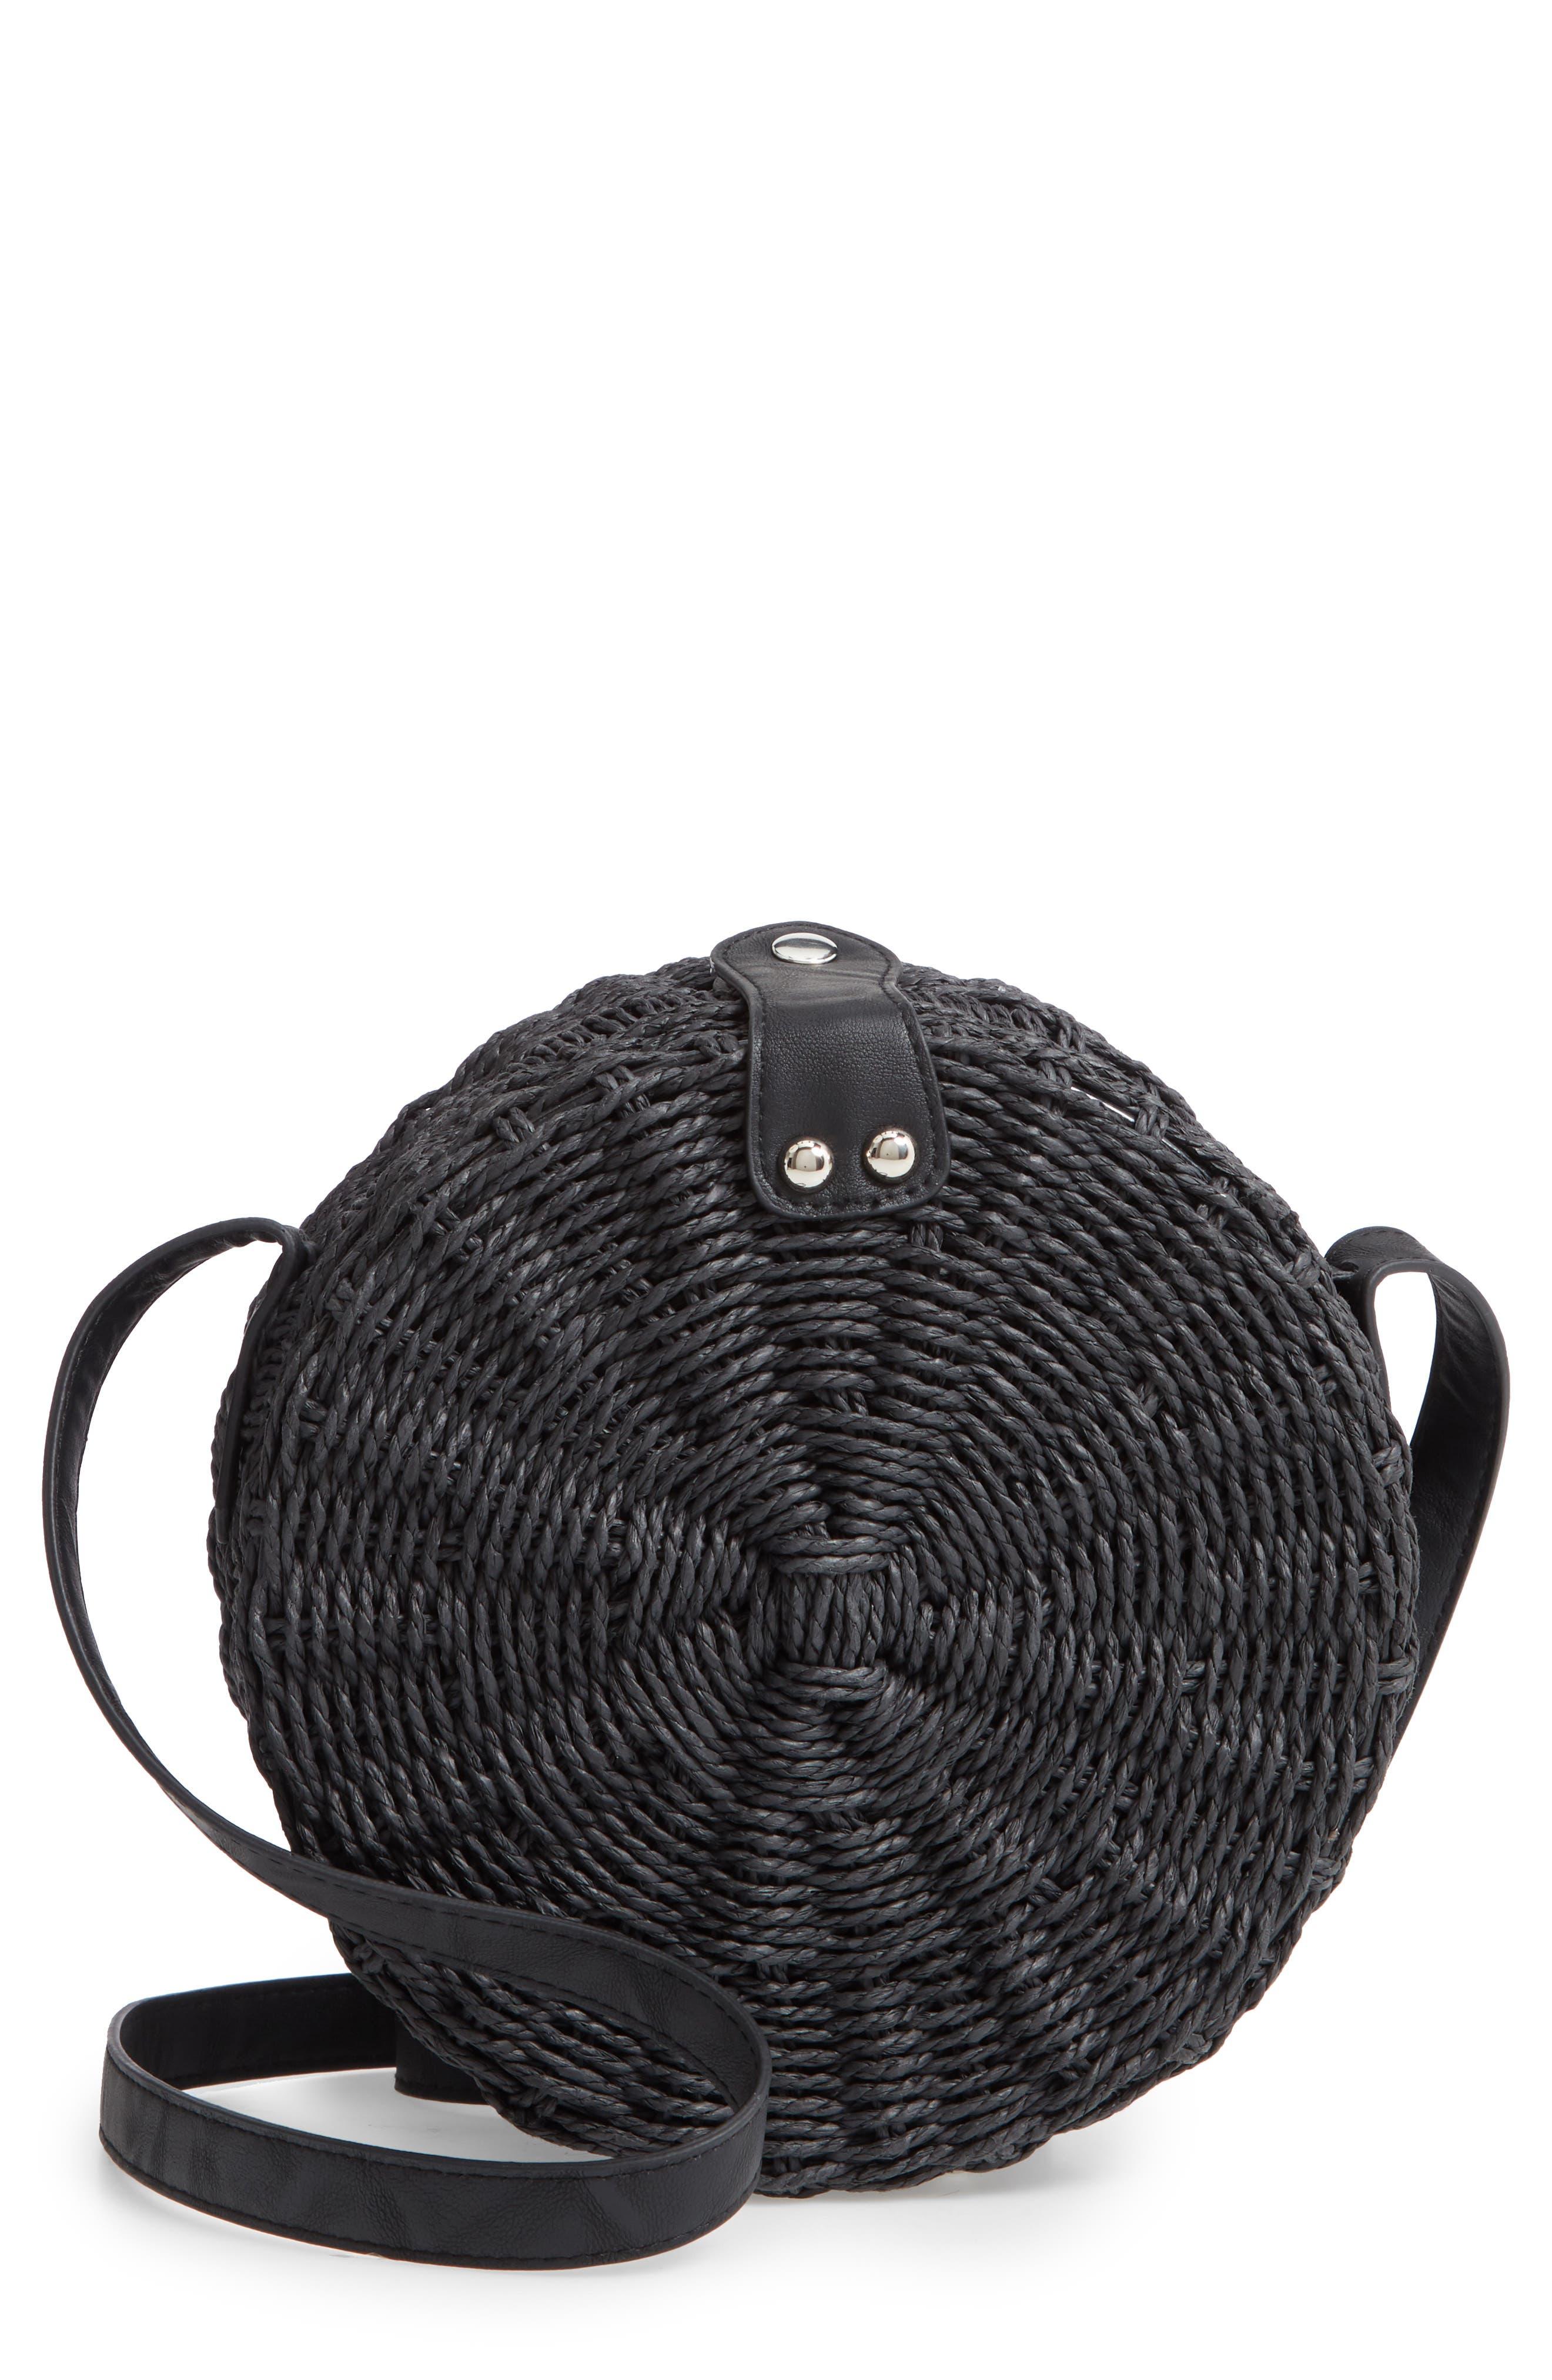 Barbar Straw Crossbody Bag,                             Main thumbnail 1, color,                             001